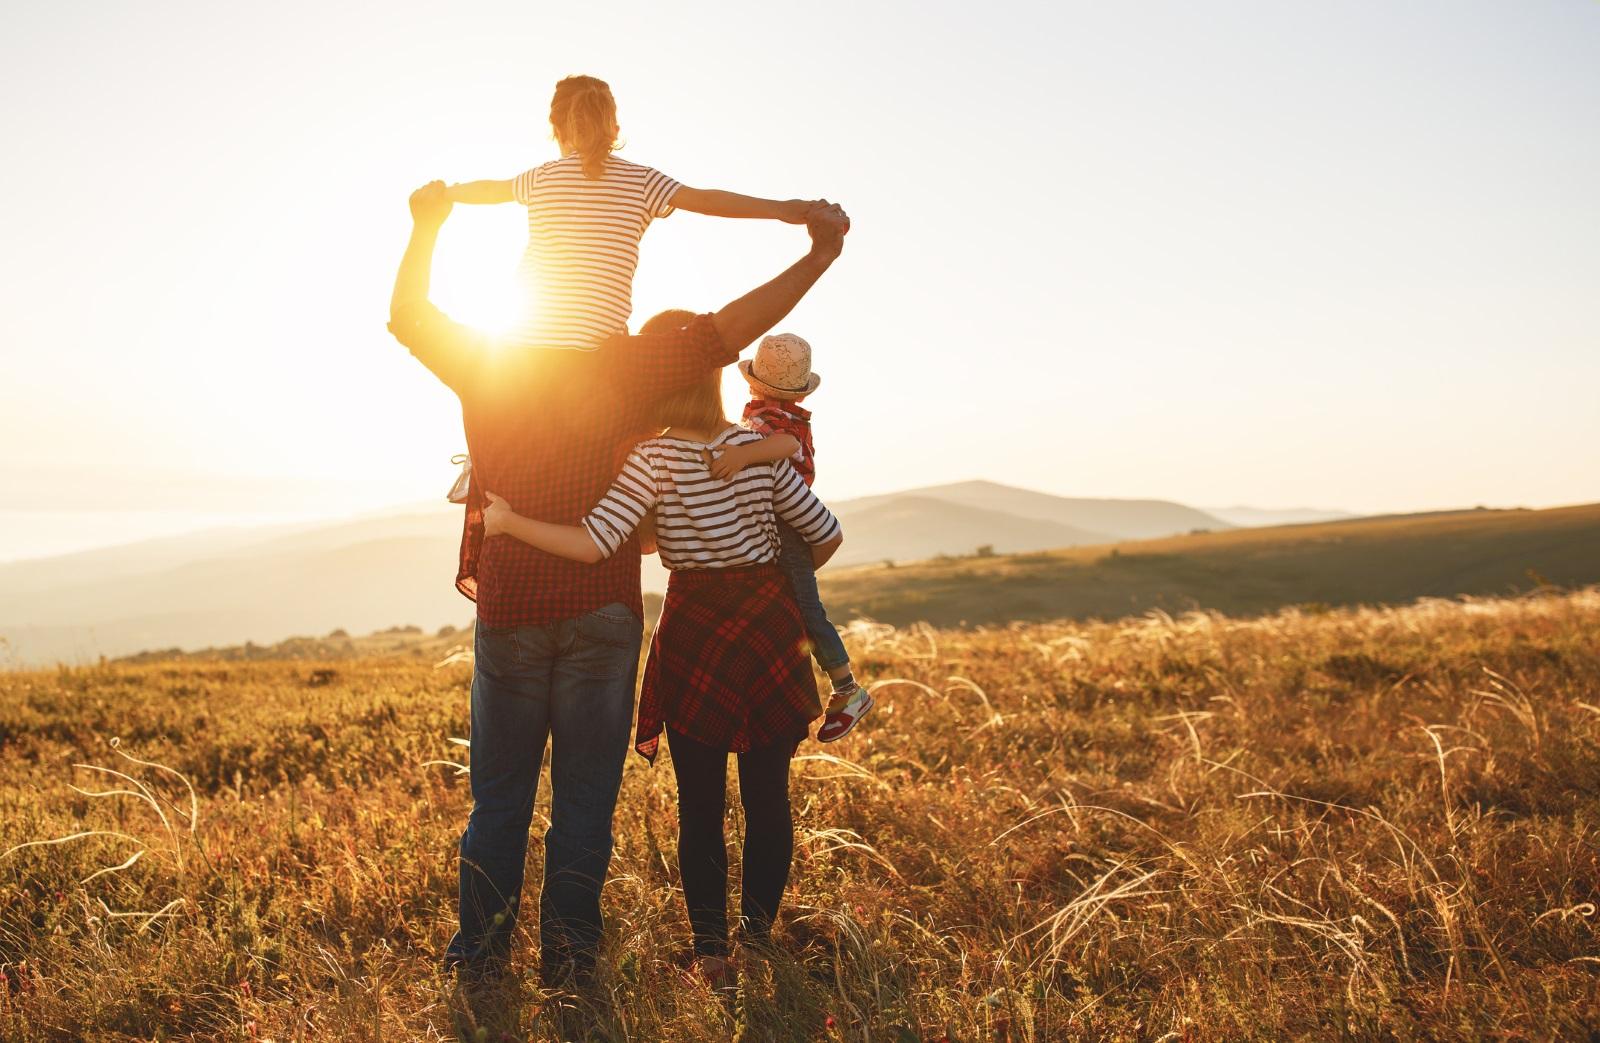 Детето Телец<br /> Хубавите неща стават бавно или поне това е мотото на Телеца. Подготвянето за училище може да изглежда като устойчиво занимание, което ще продължи години наред. Оставете го да работи със свое темпо – ще се убедите, че тези деца стигат точно където пожелаят, макар и за повече време.